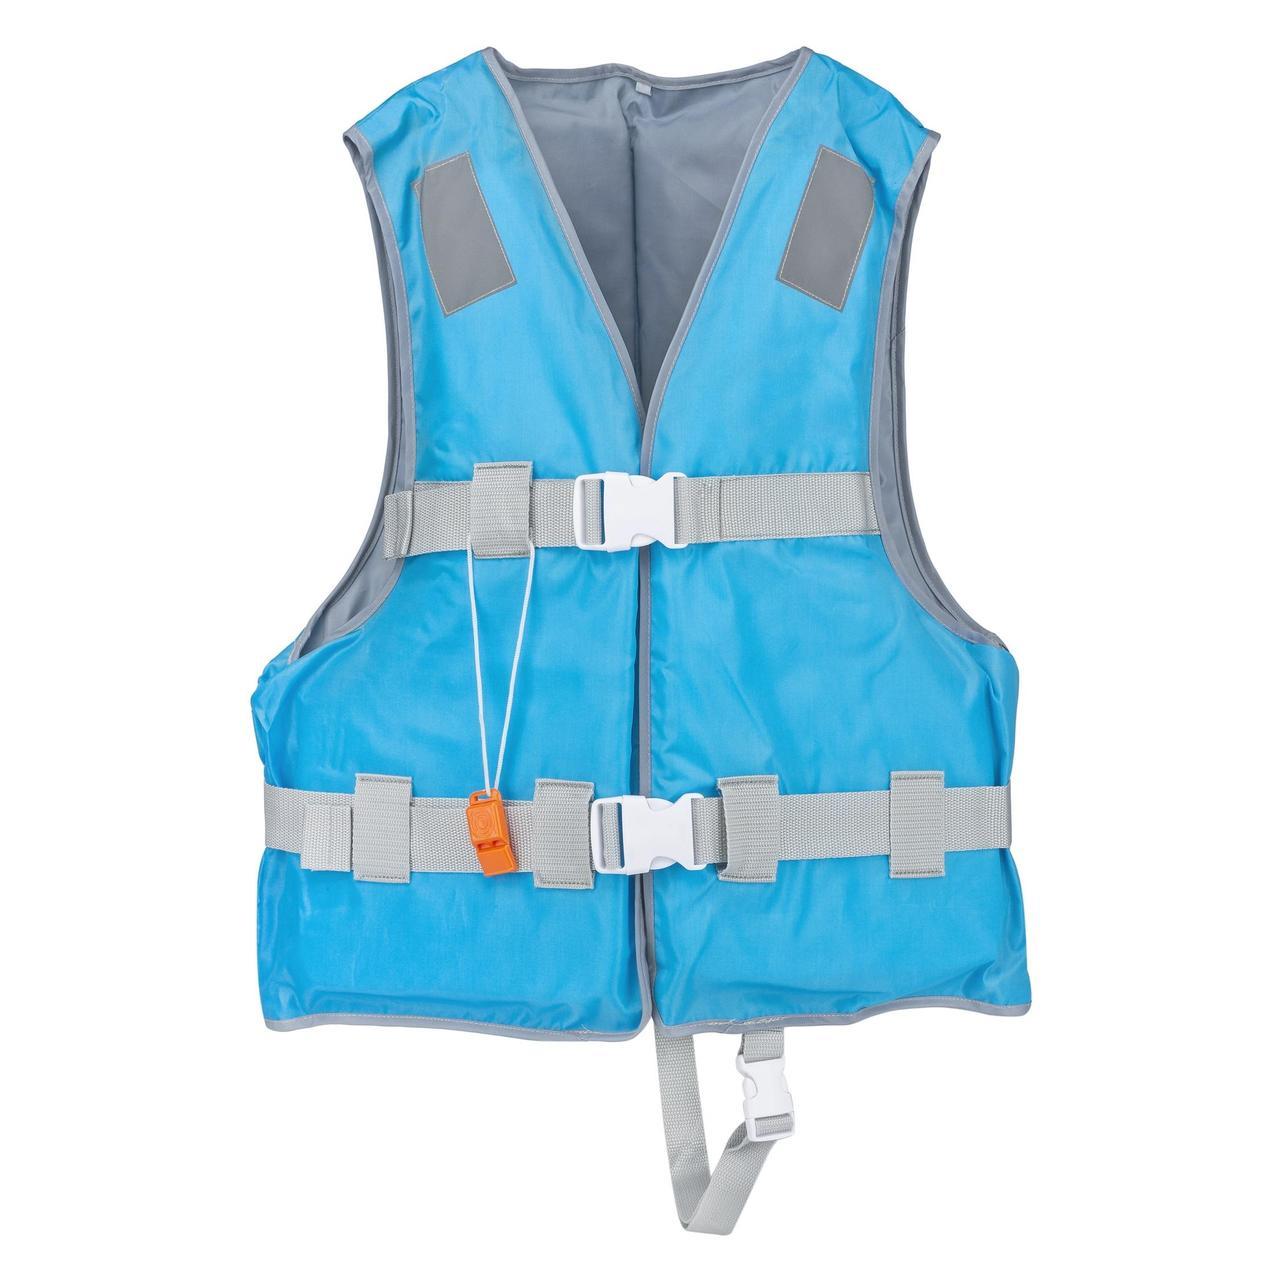 Спасательный жилет YW1218 размер M EPE пена и 420D полиэстер, синий